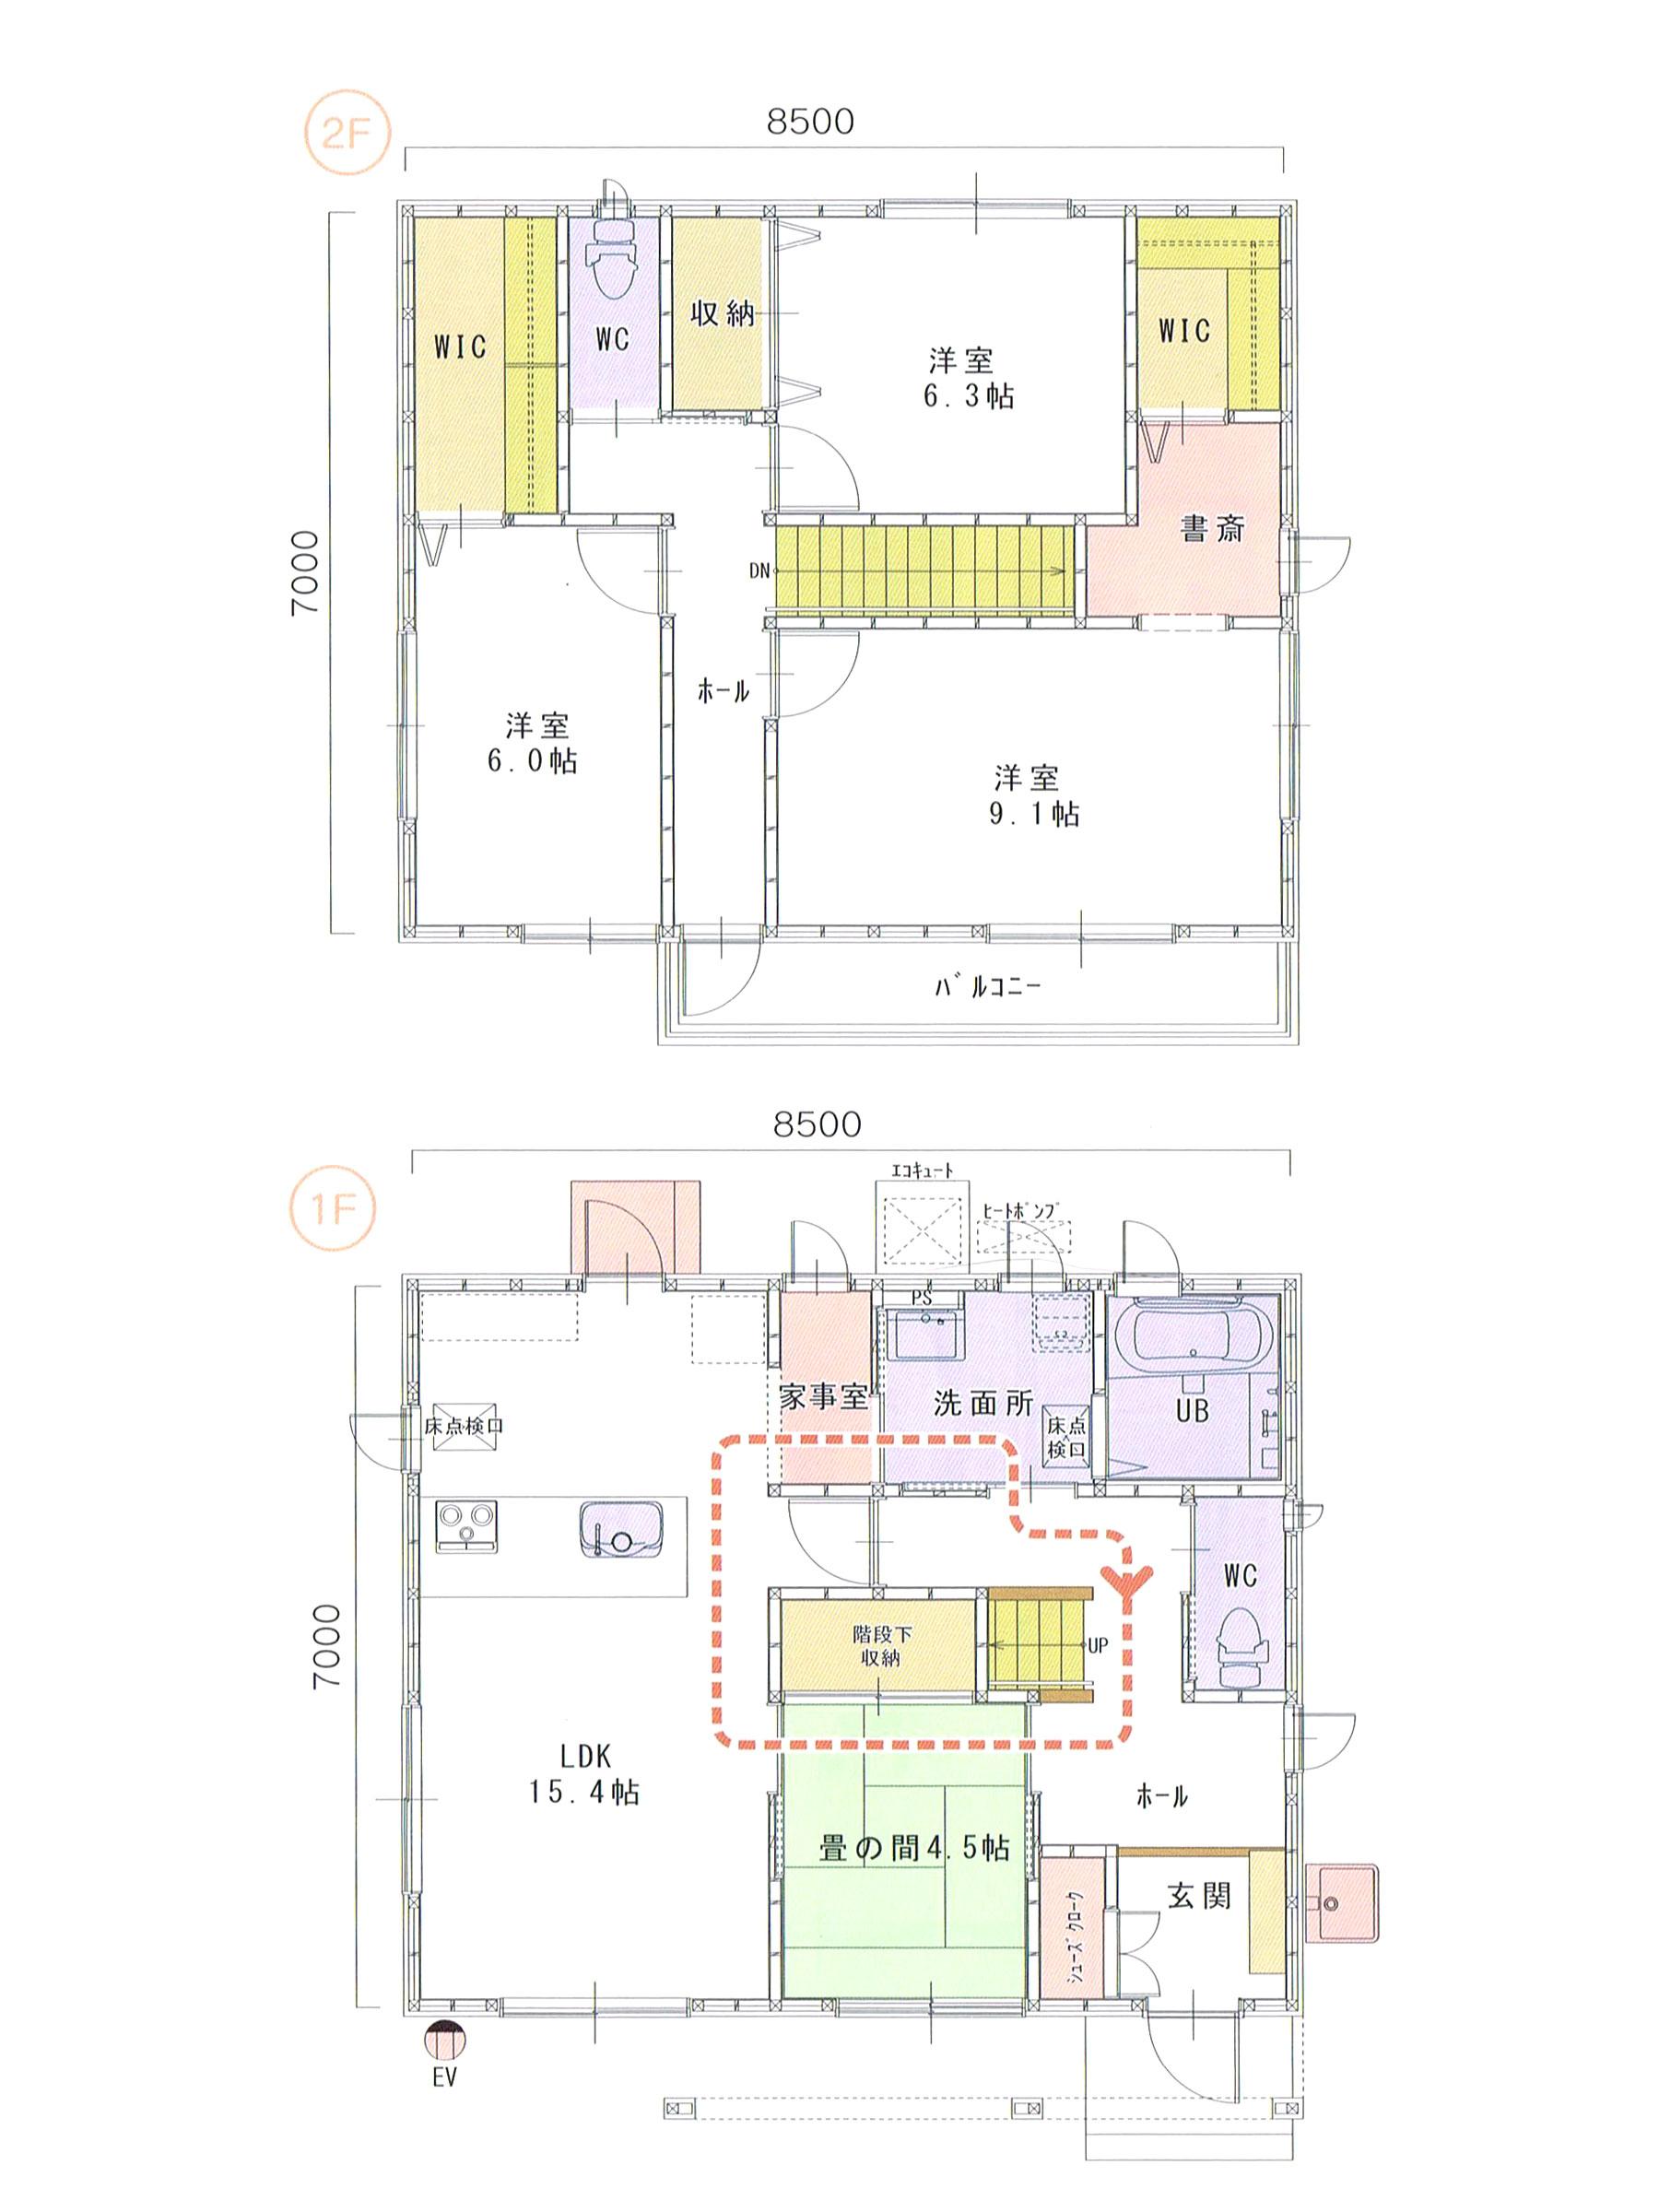 プランK-15 スモリの家